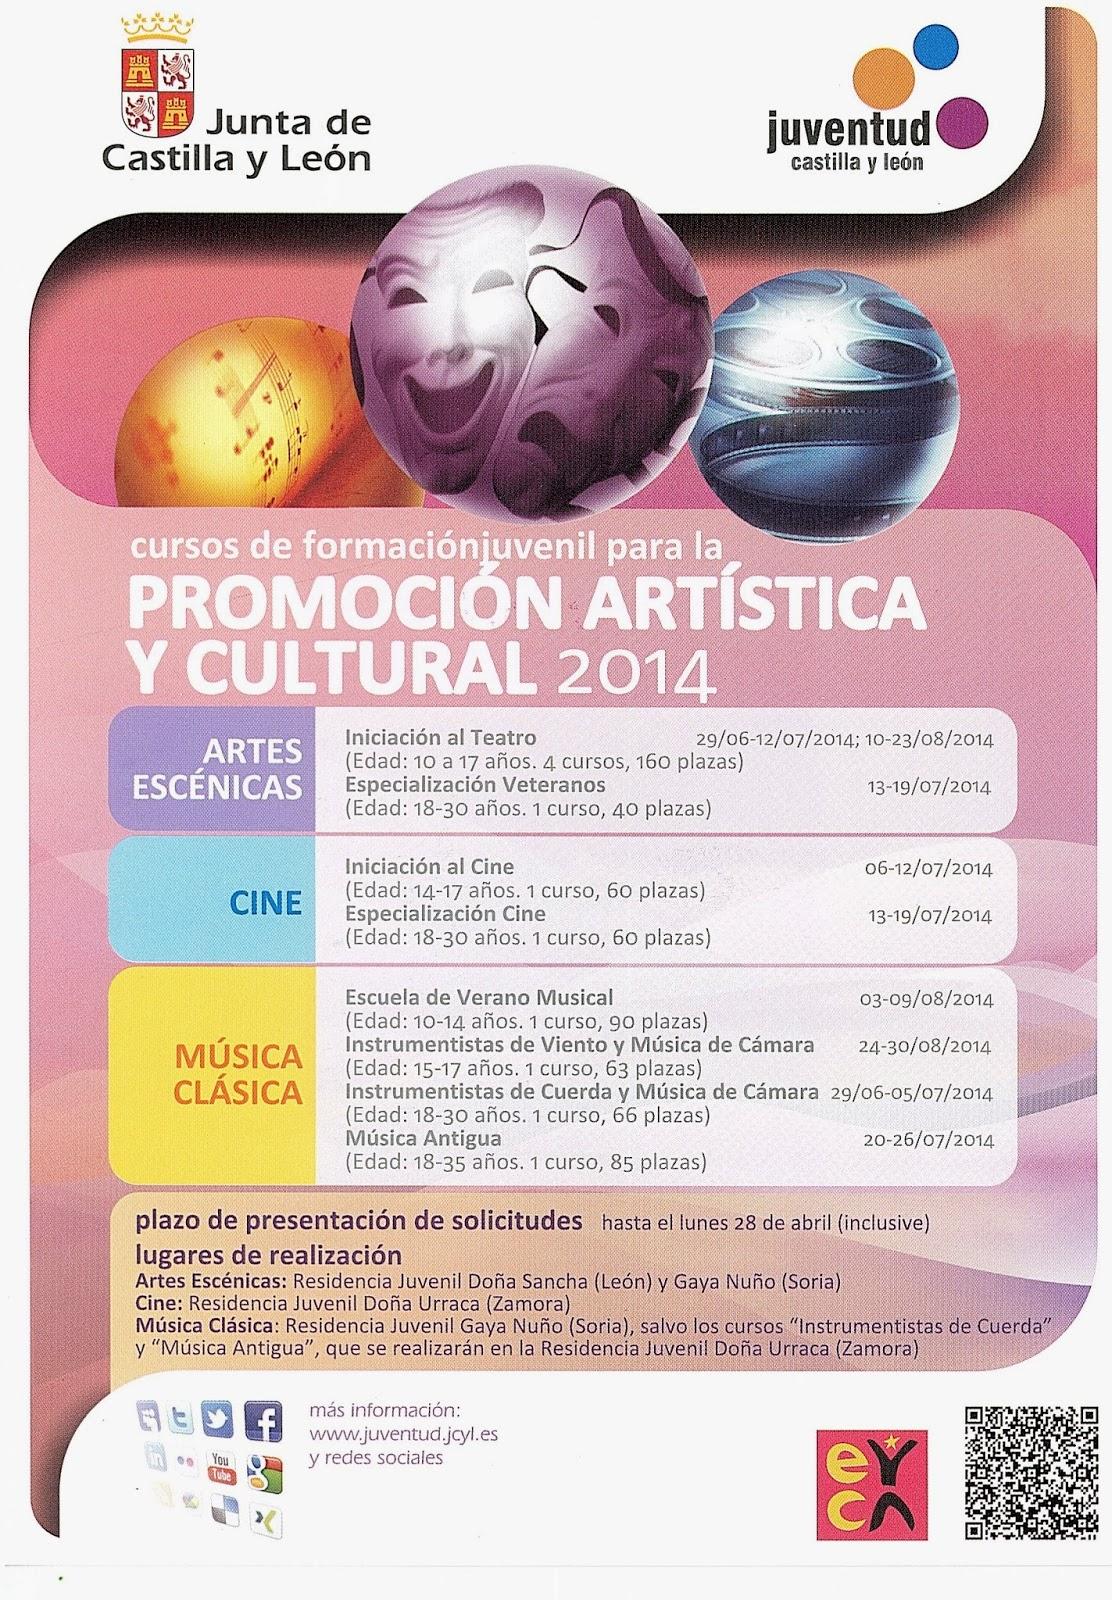 http://www.juventud.jcyl.es/web/jcyl/Juventud/es/Plantilla100Detalle/1284224580551/_/1284304796954/Comunicacion?plantillaObligatoria=PlantillaContenidoNoticiaHome